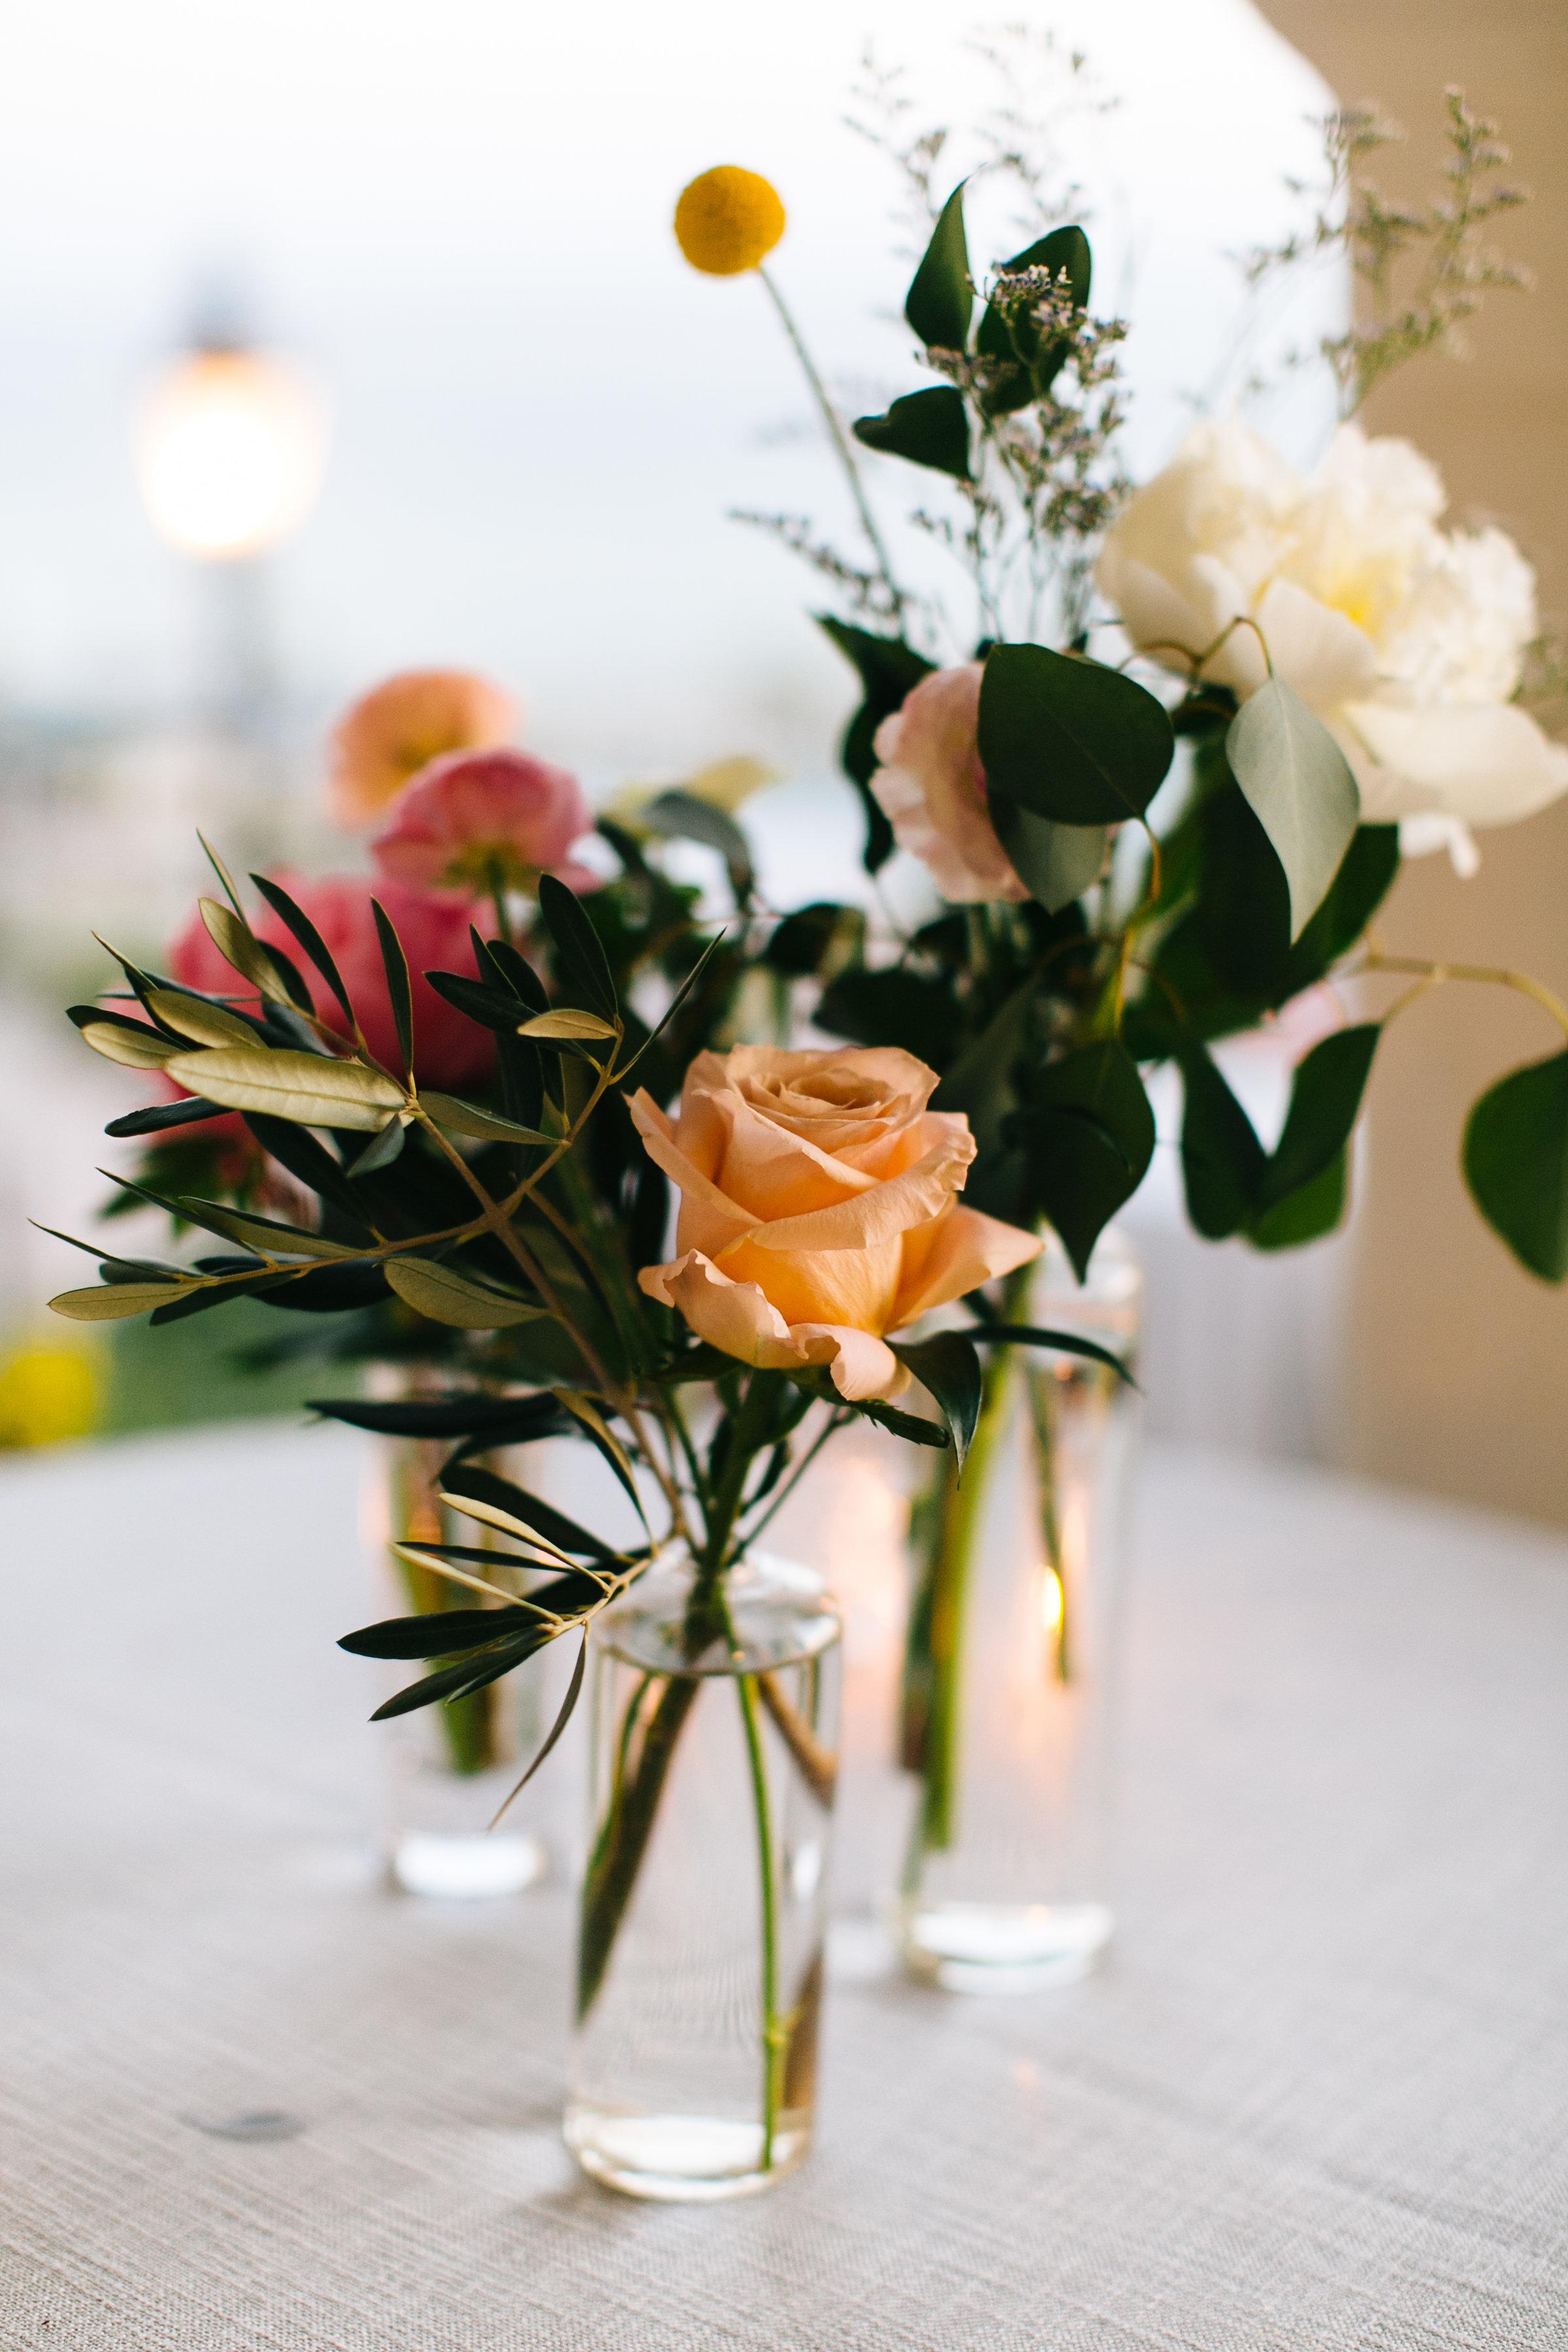 Nicholson-wedding-4-14-18_1052.jpg